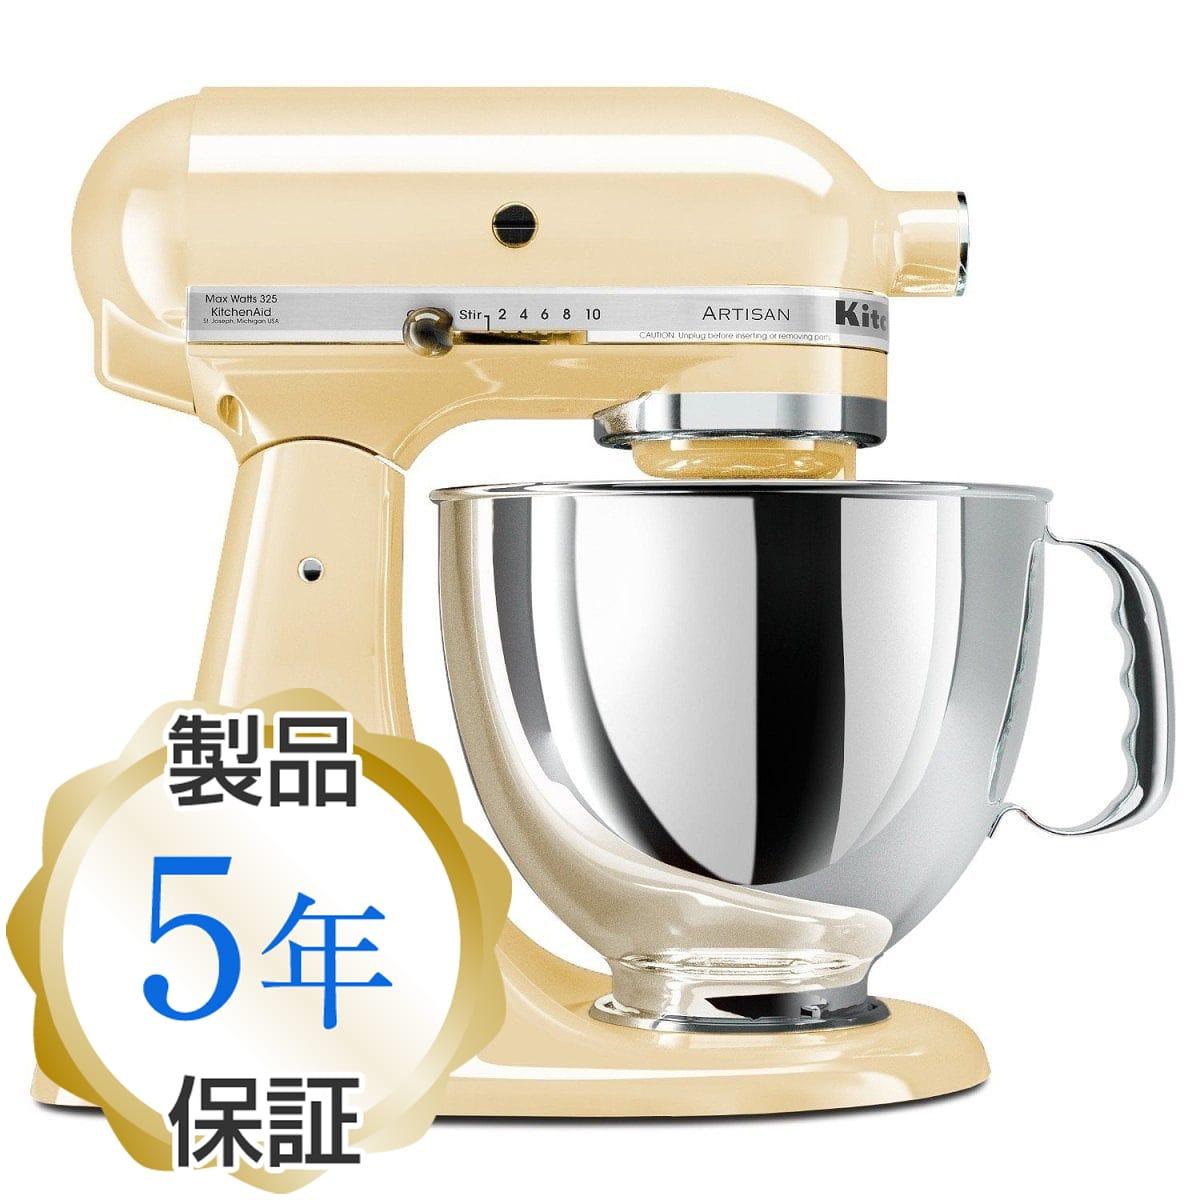 キッチンエイド スタンドミキサー アルチザン 4.8L アーモンドクリーム KitchenAid Artisan 5-Quart Stand Mixers KSM150PSAC Almond Cream 【日本語説明書付】 家電